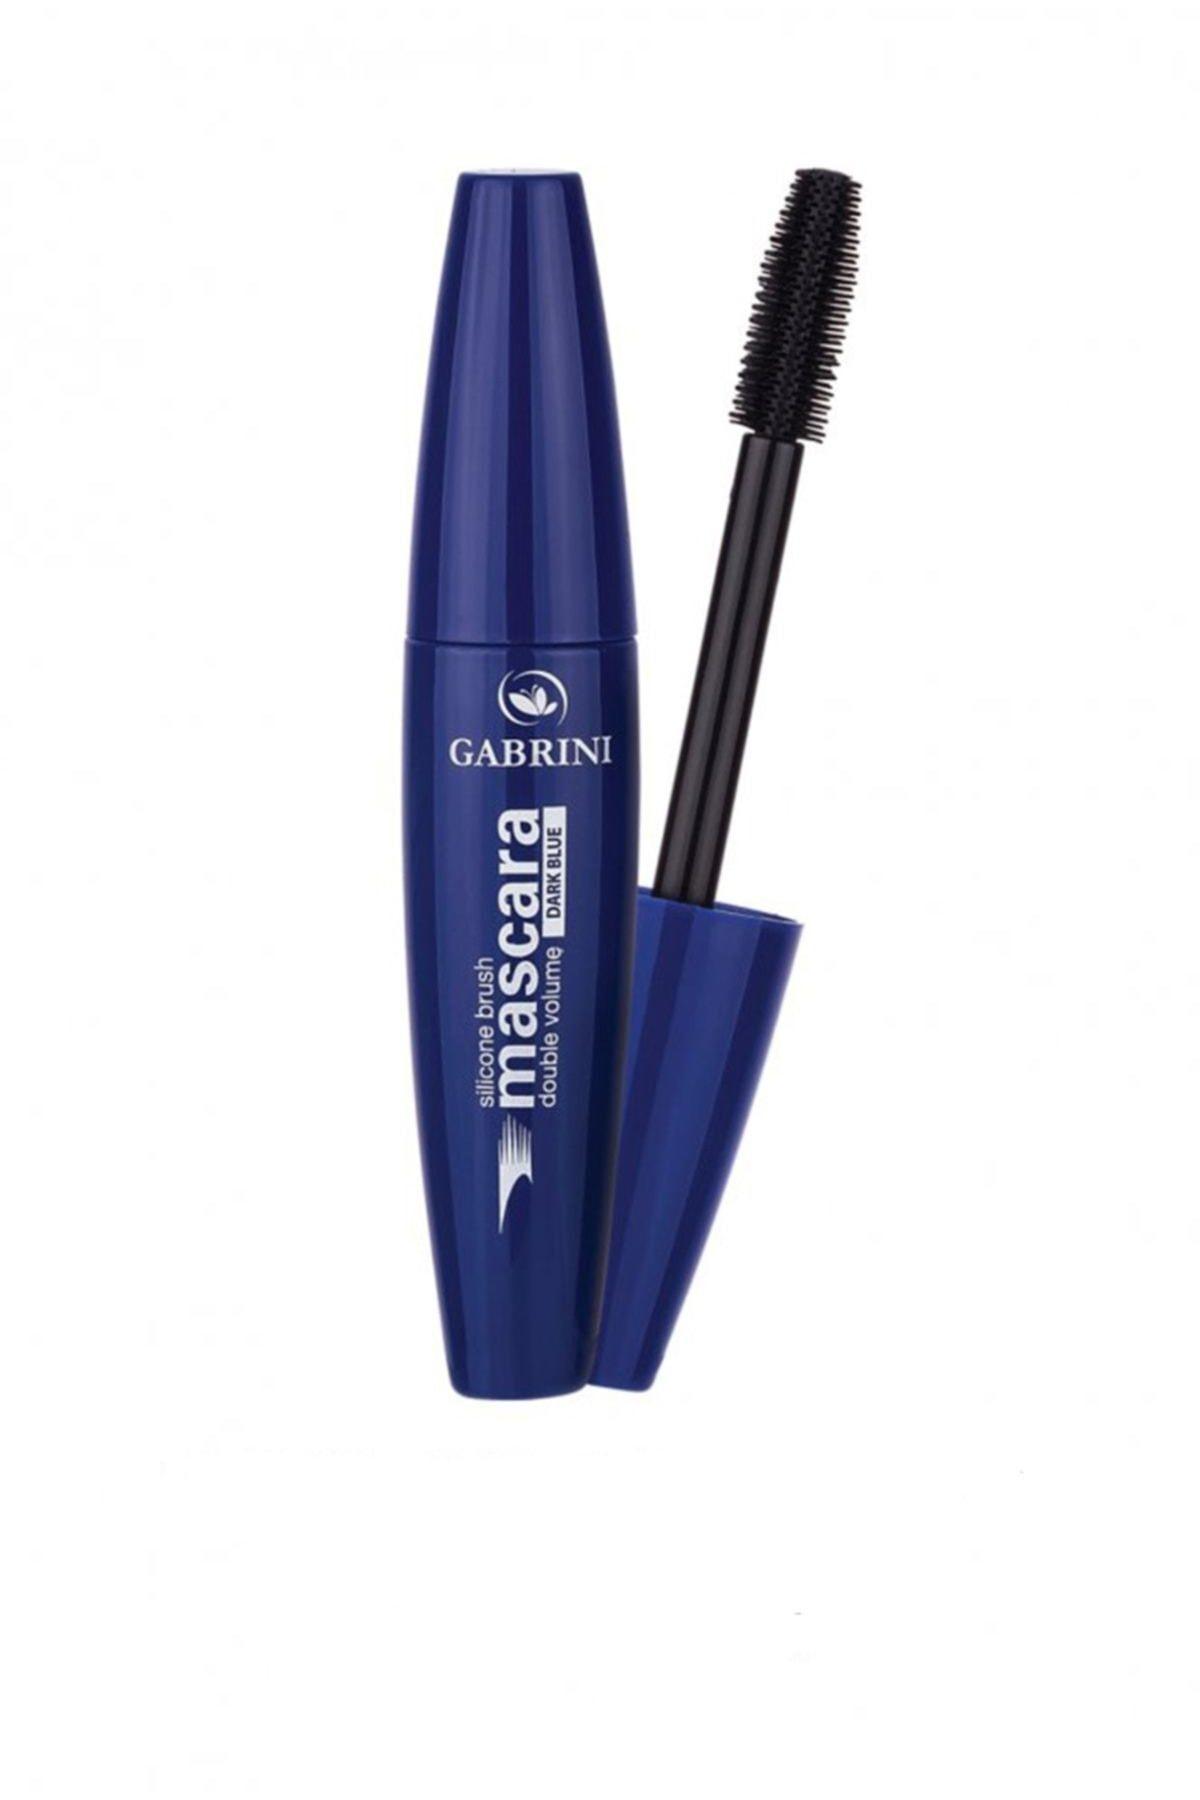 Gabrini Hacim Veren Mavi Maskara - Silicone Brush Blue Mascara 8696814061485 1